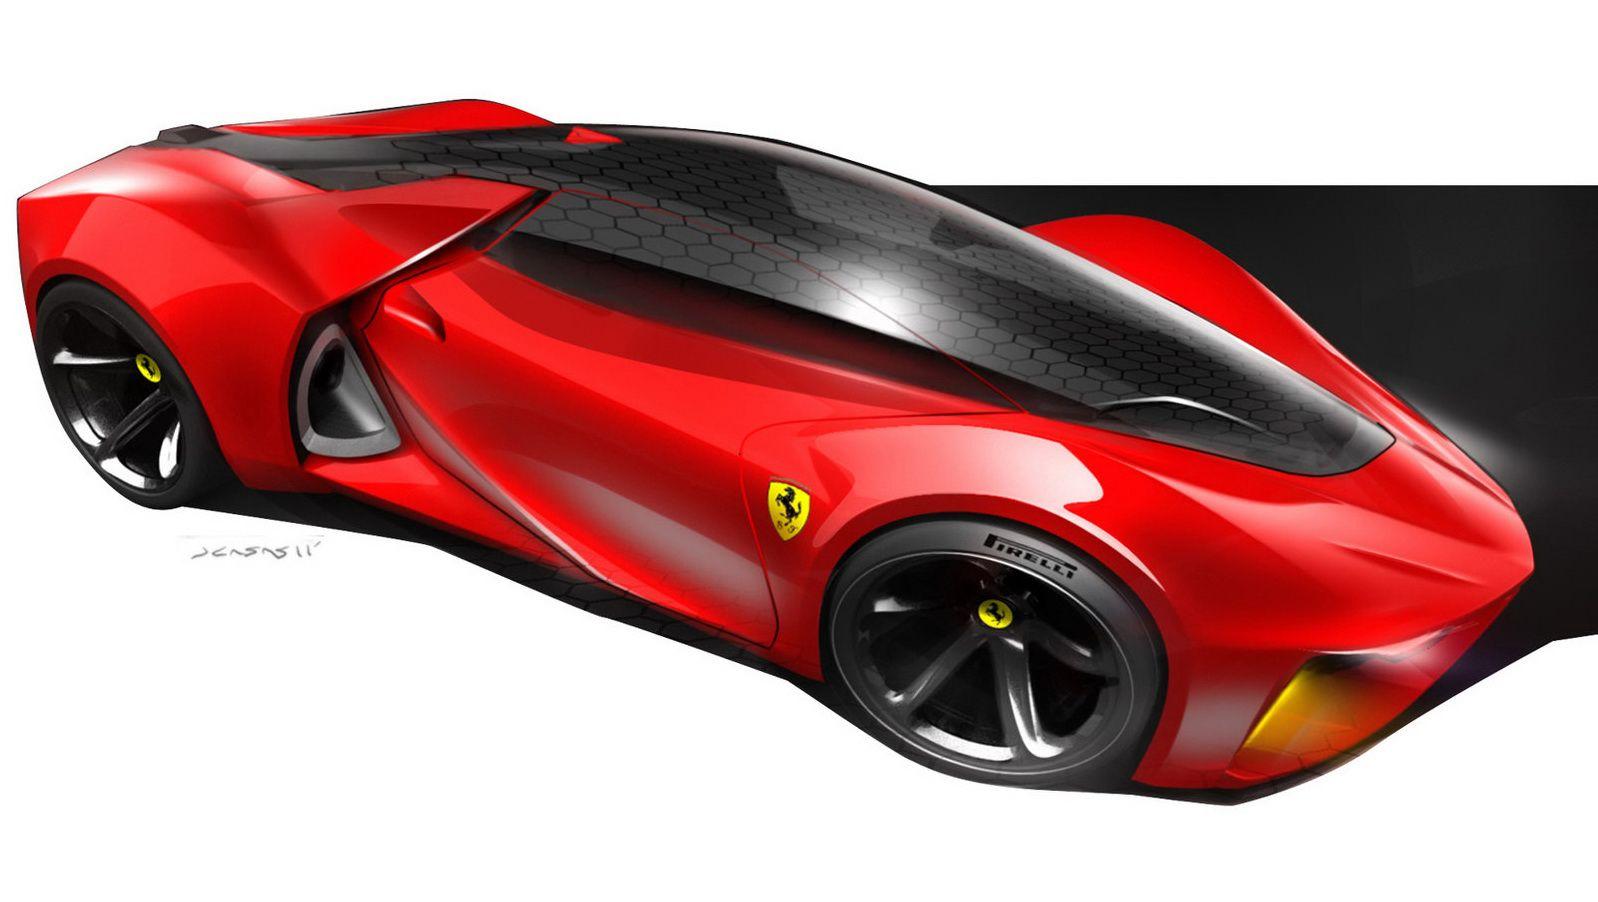 Design car contest - 2011 Ferrari World Design Contest